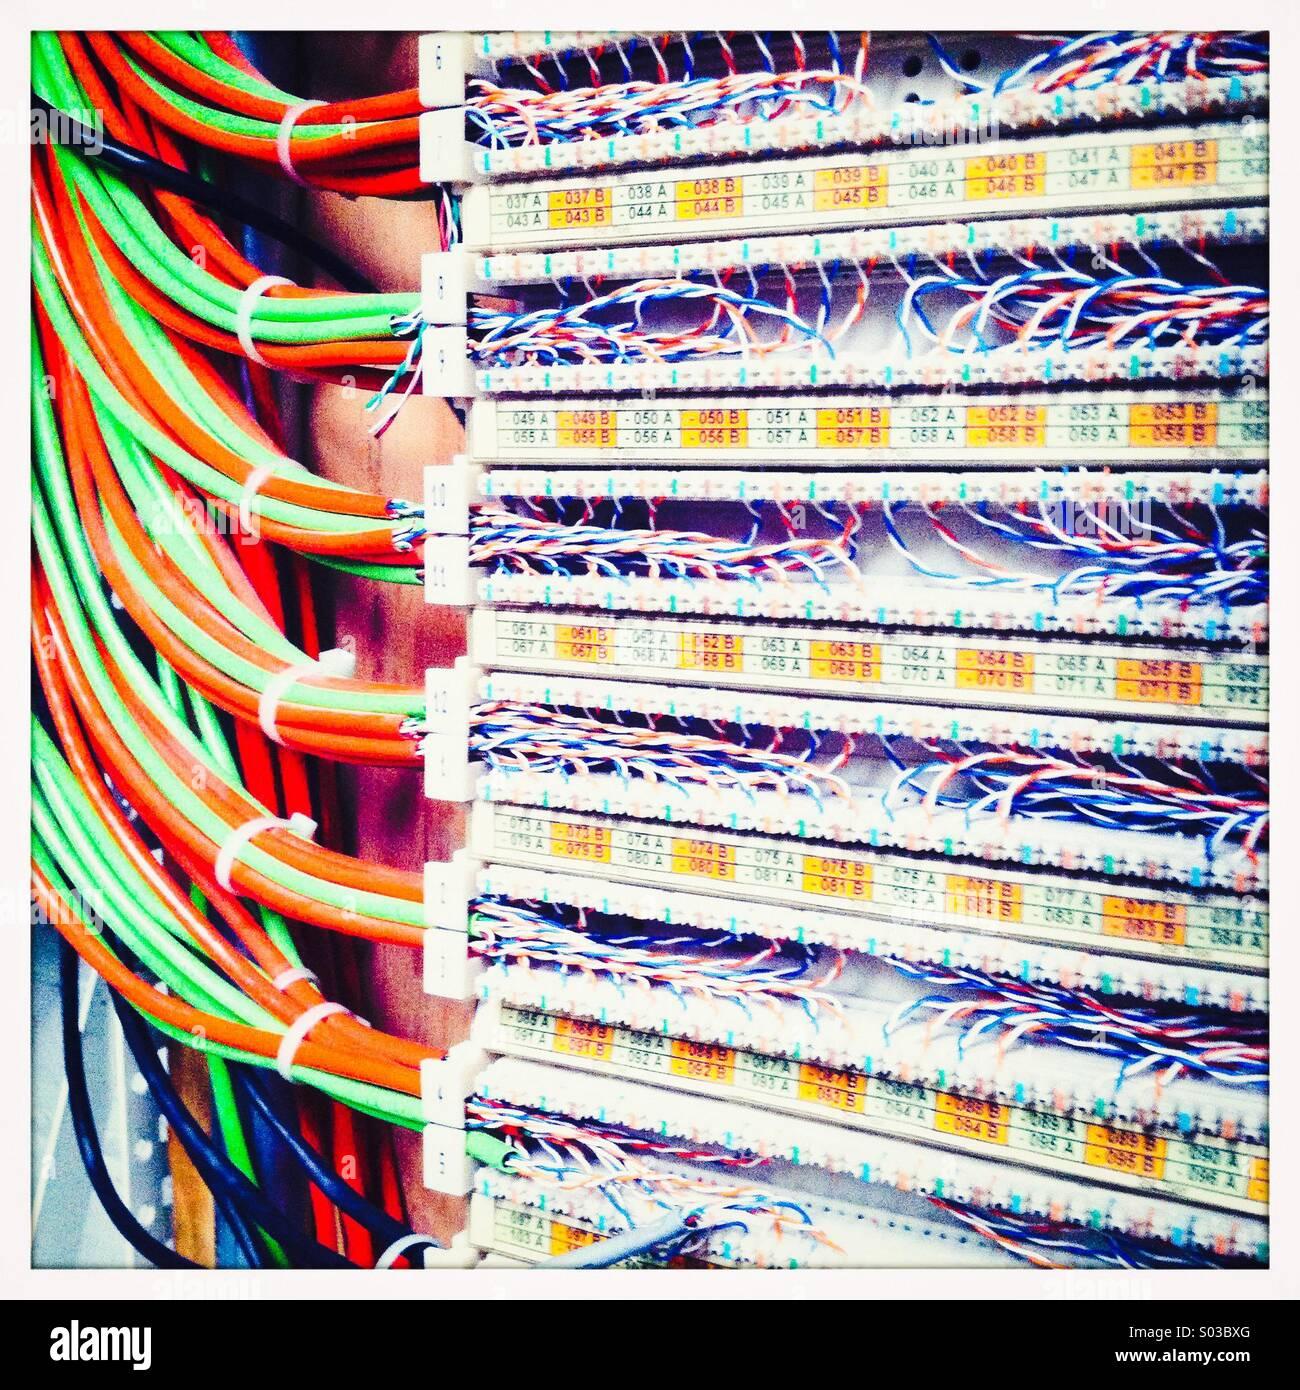 Placa de conmutación de telecomunicaciones Imagen De Stock